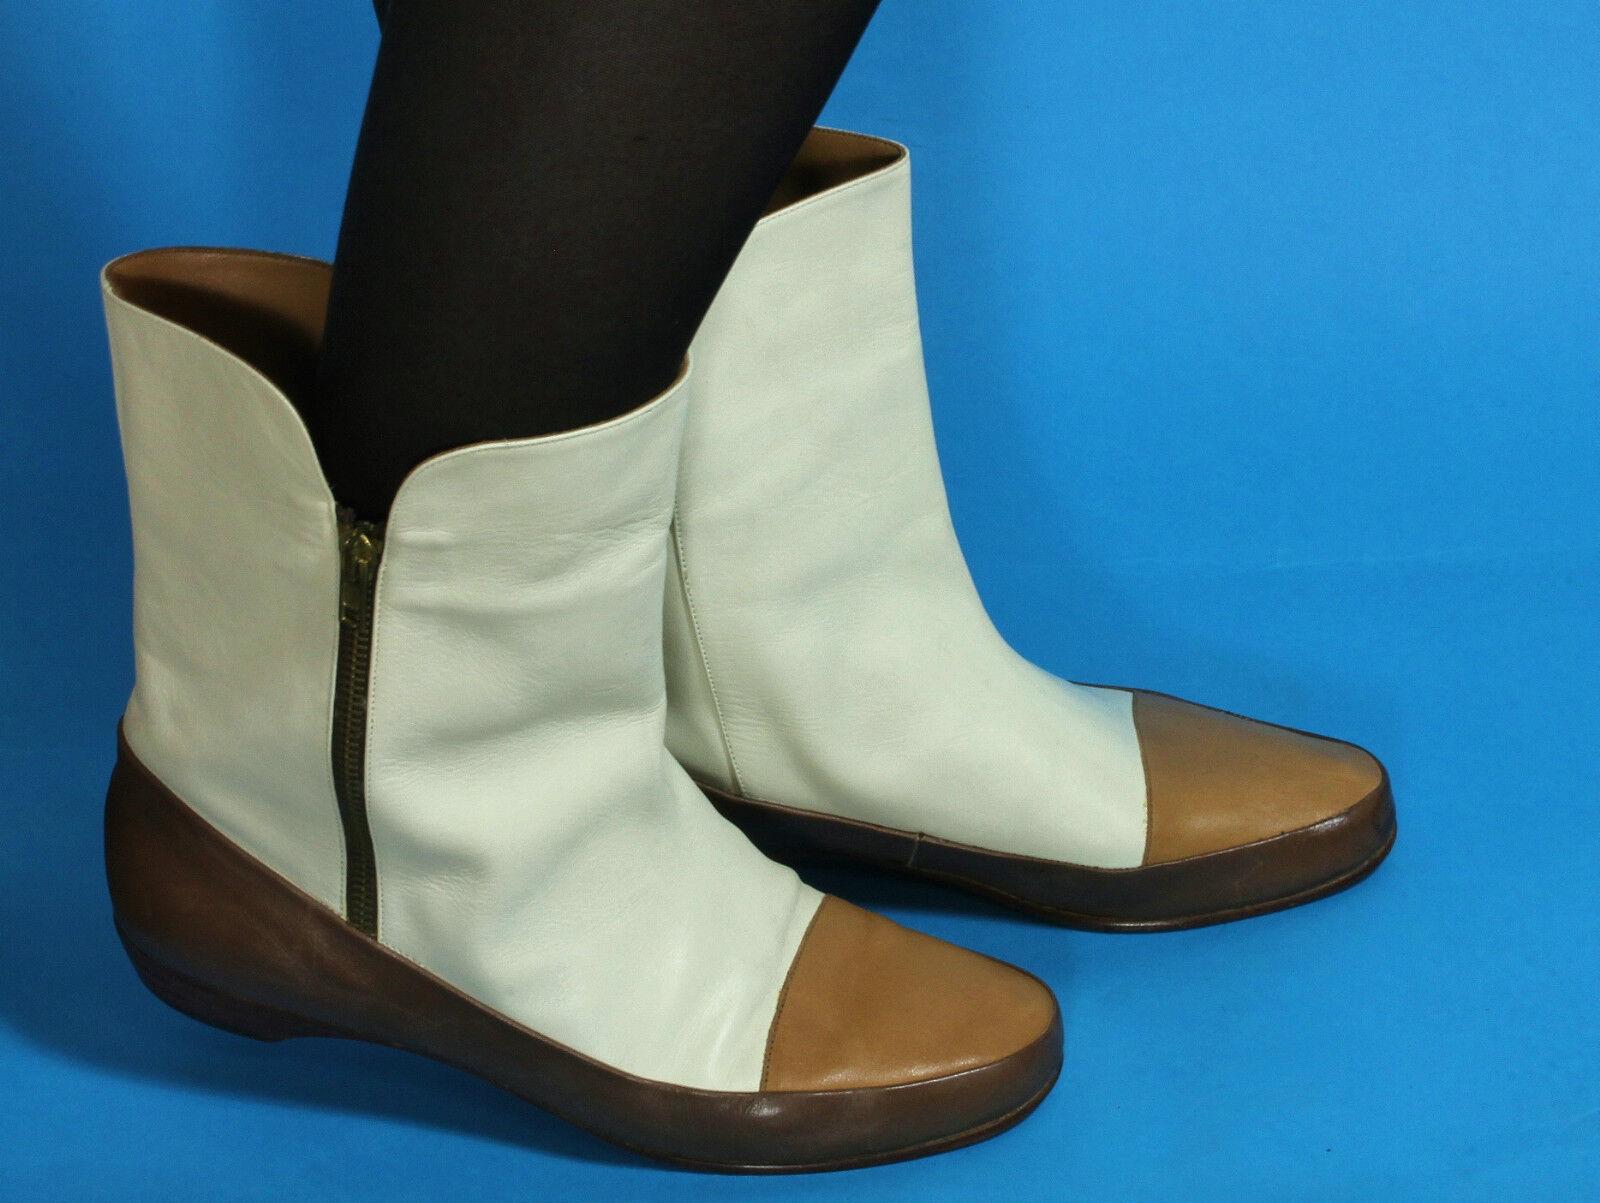 Lederstiefel Vintage Gibal Damenstiefel Stiefel Blogger Hipster Zipper Leder 38